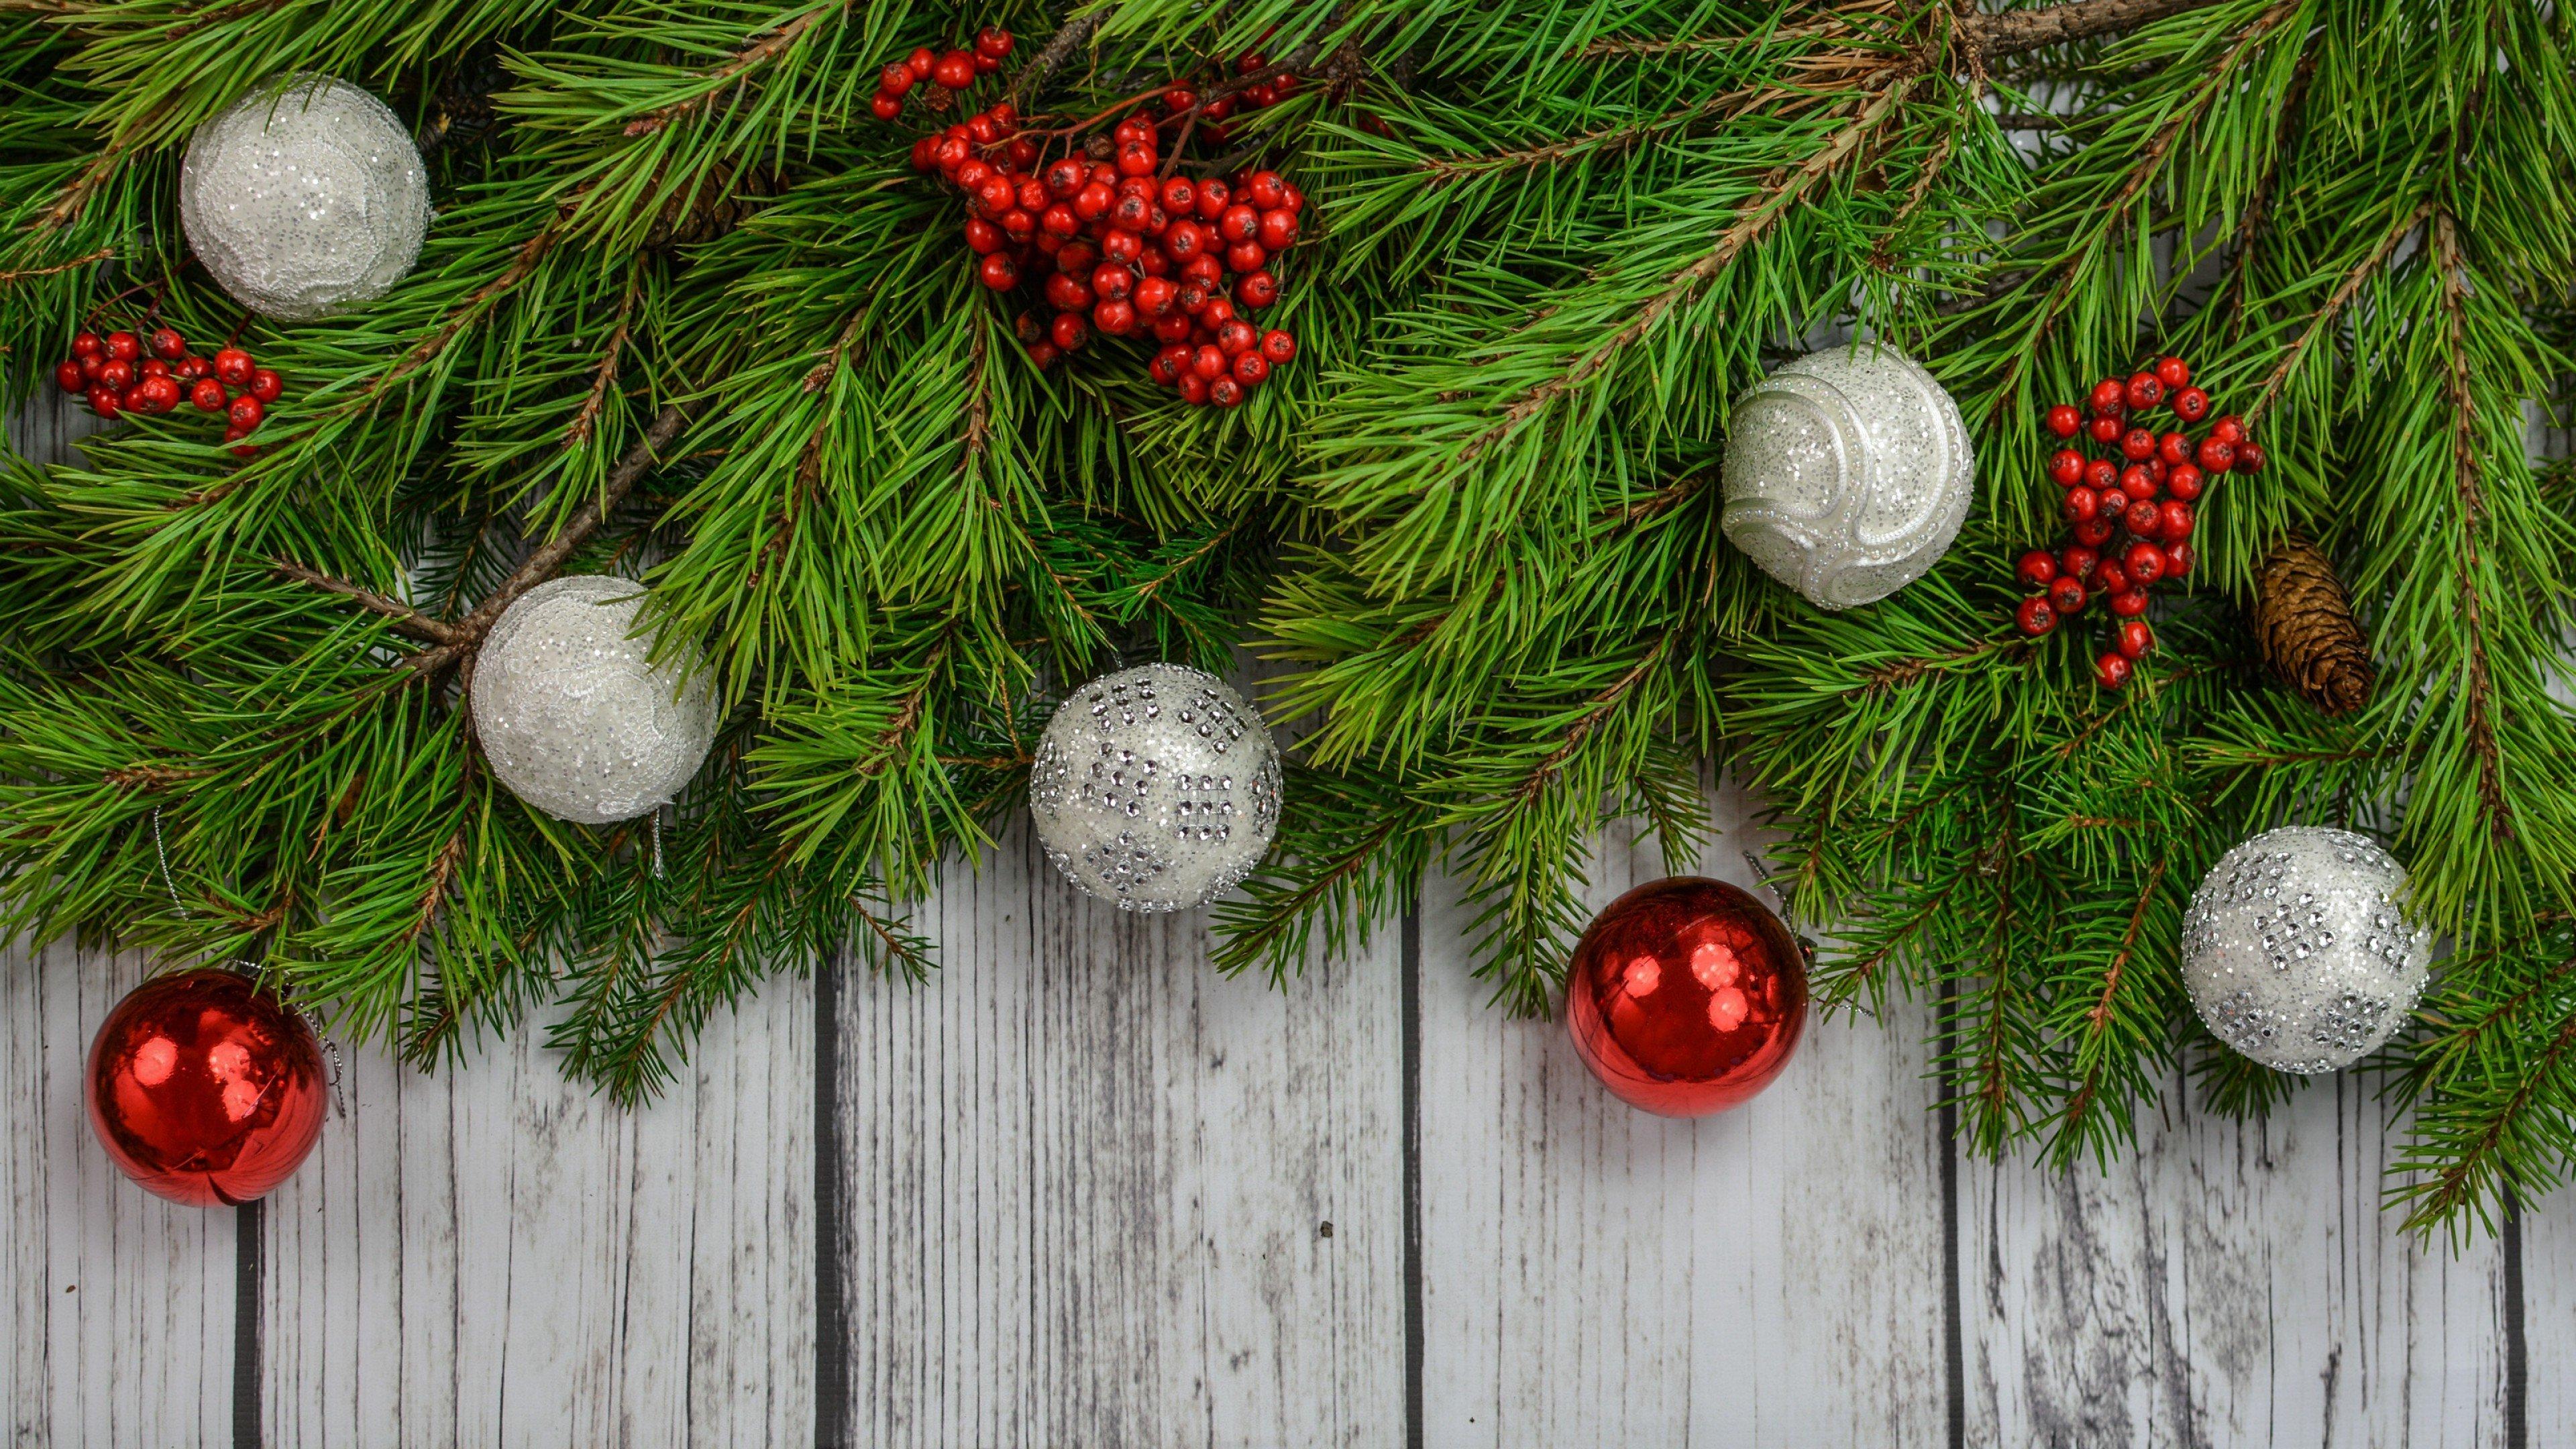 Fondos de pantalla Decoración Navidad y Año nuevo